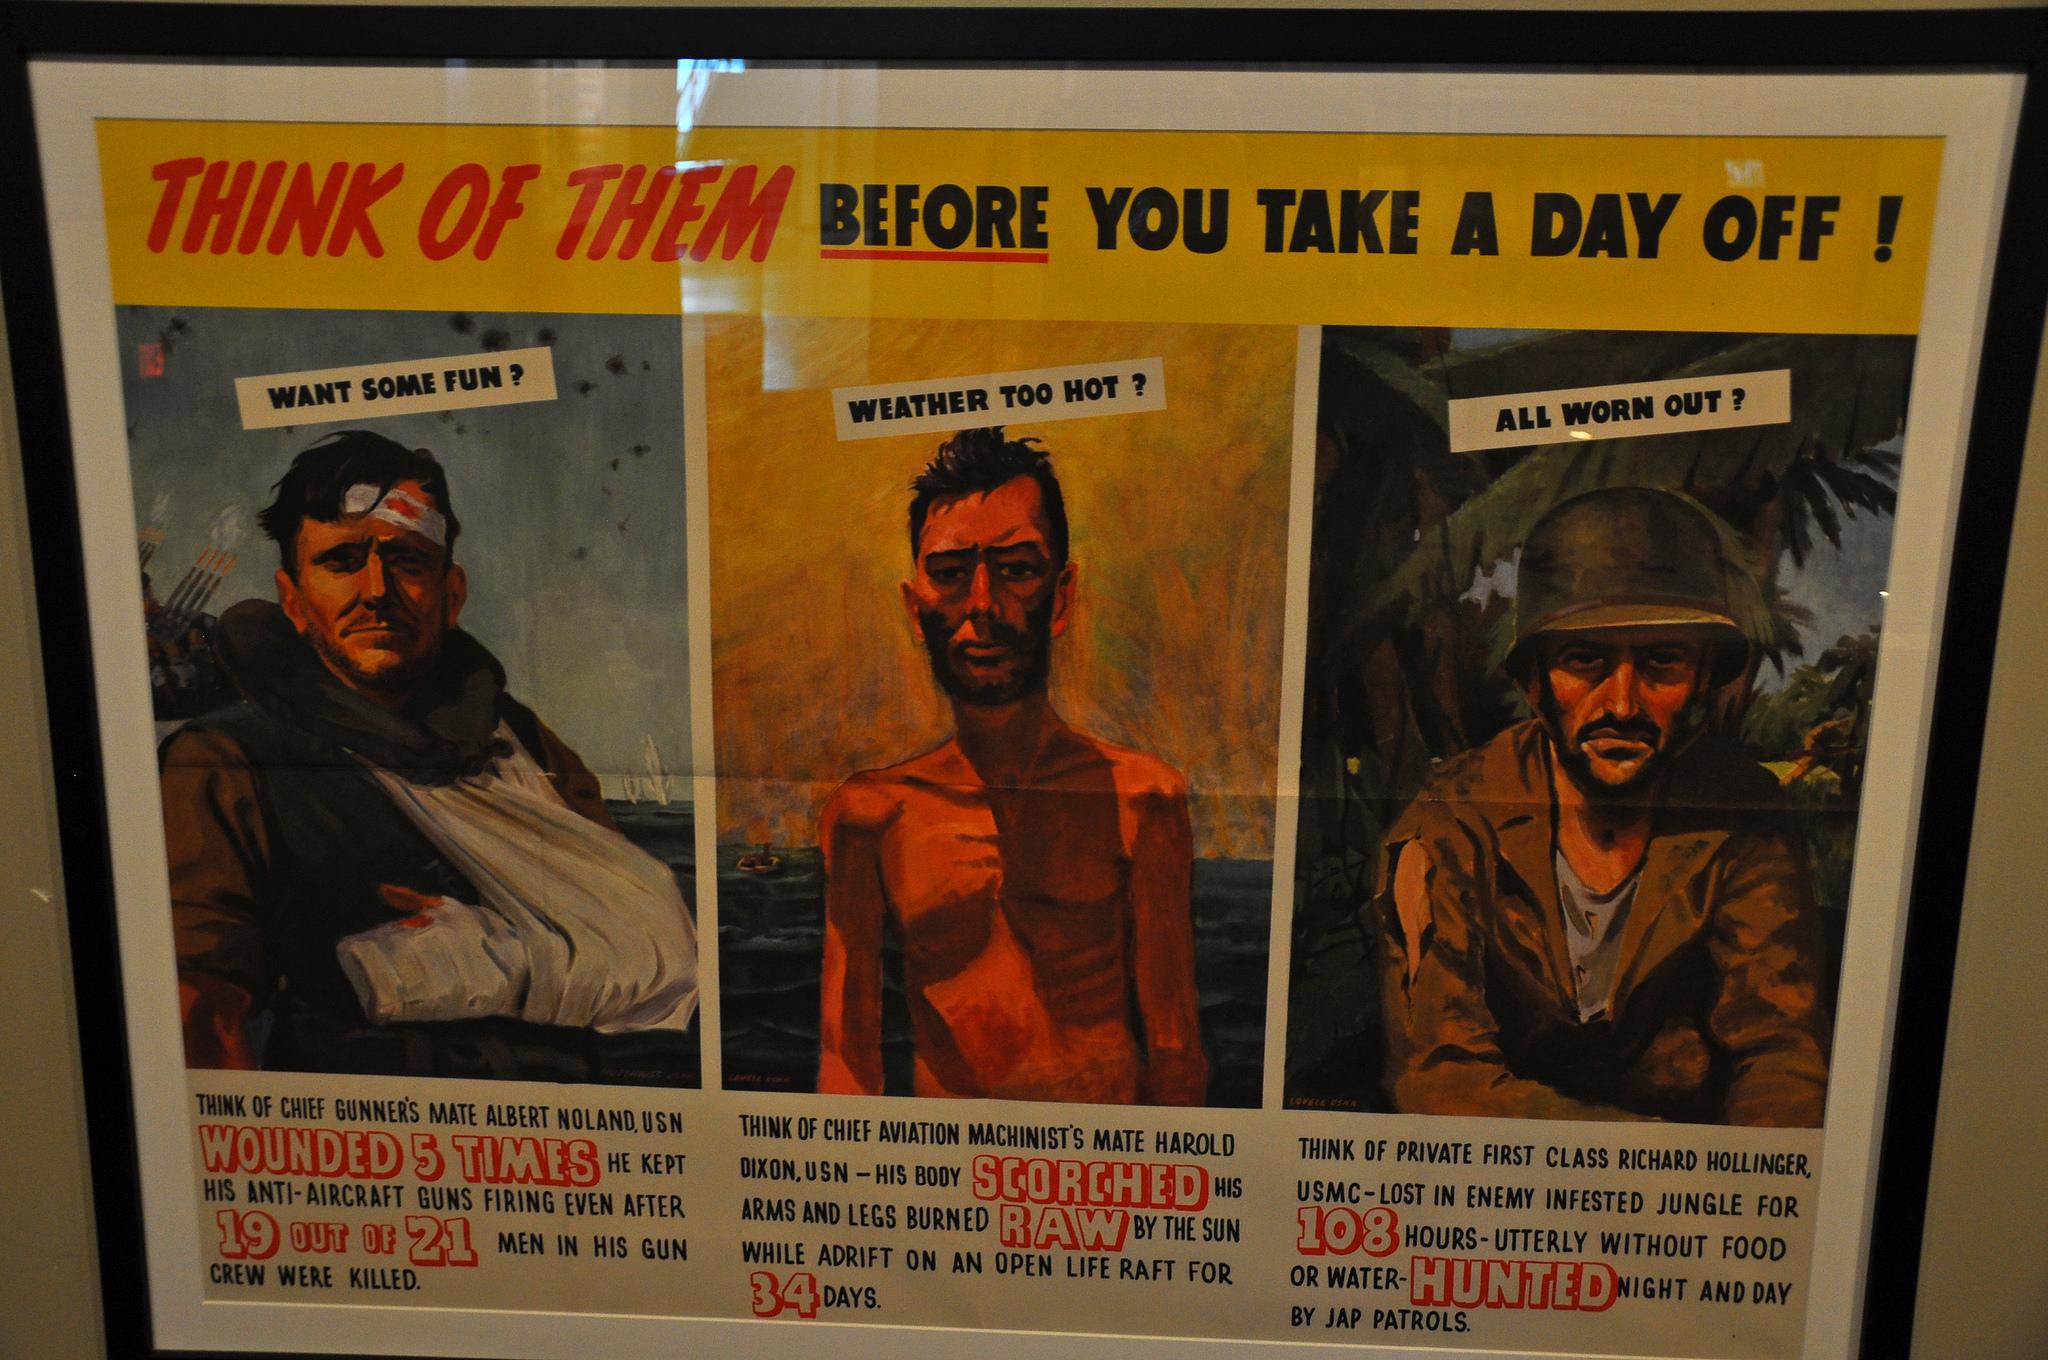 Η Προπαγάνδα στο Δεύτερο Παγκόσμιο Πόλεμο